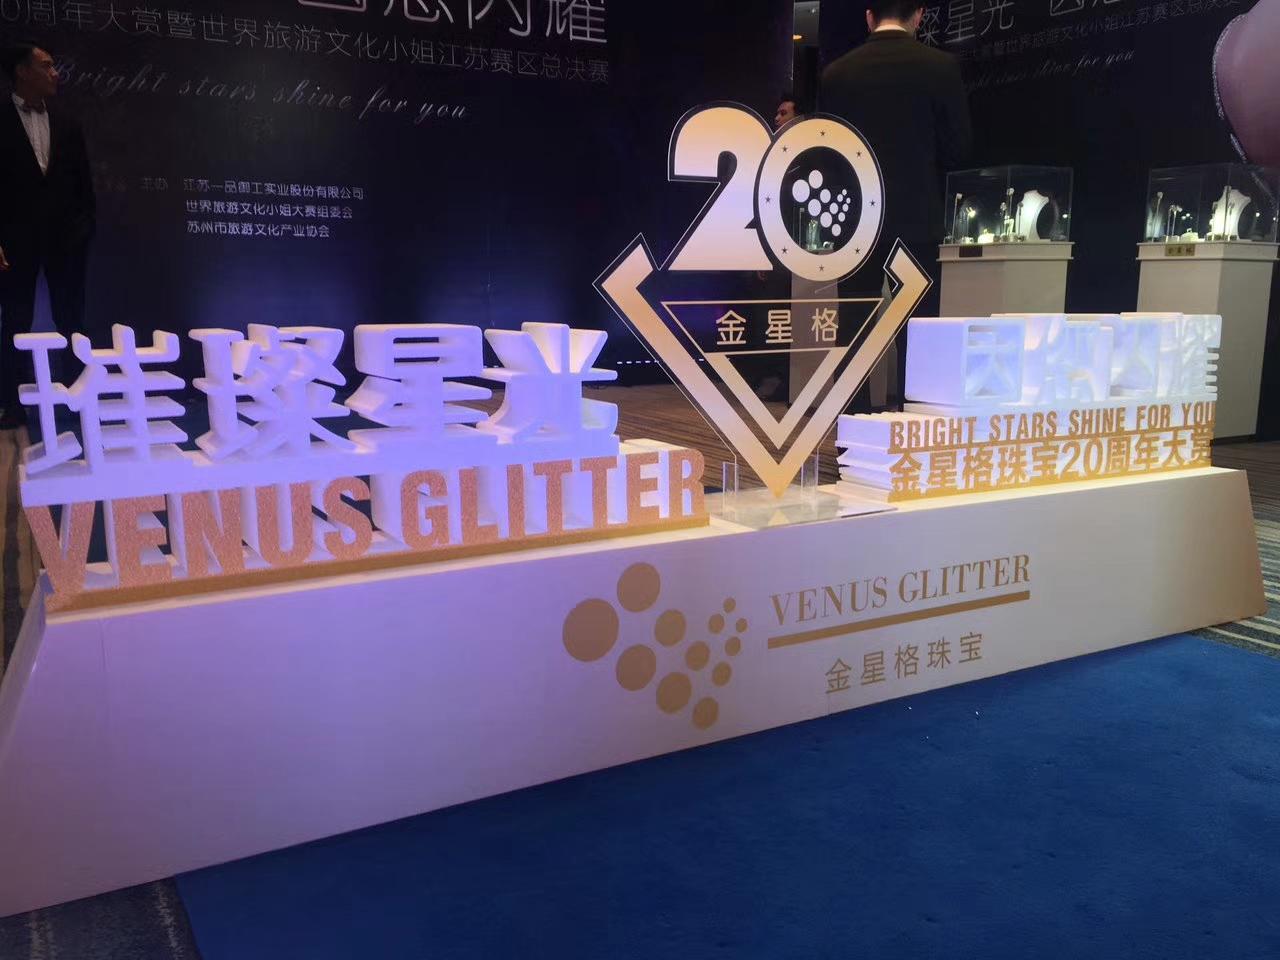 金星格珠宝20周年暨旅游文化小姐大赛